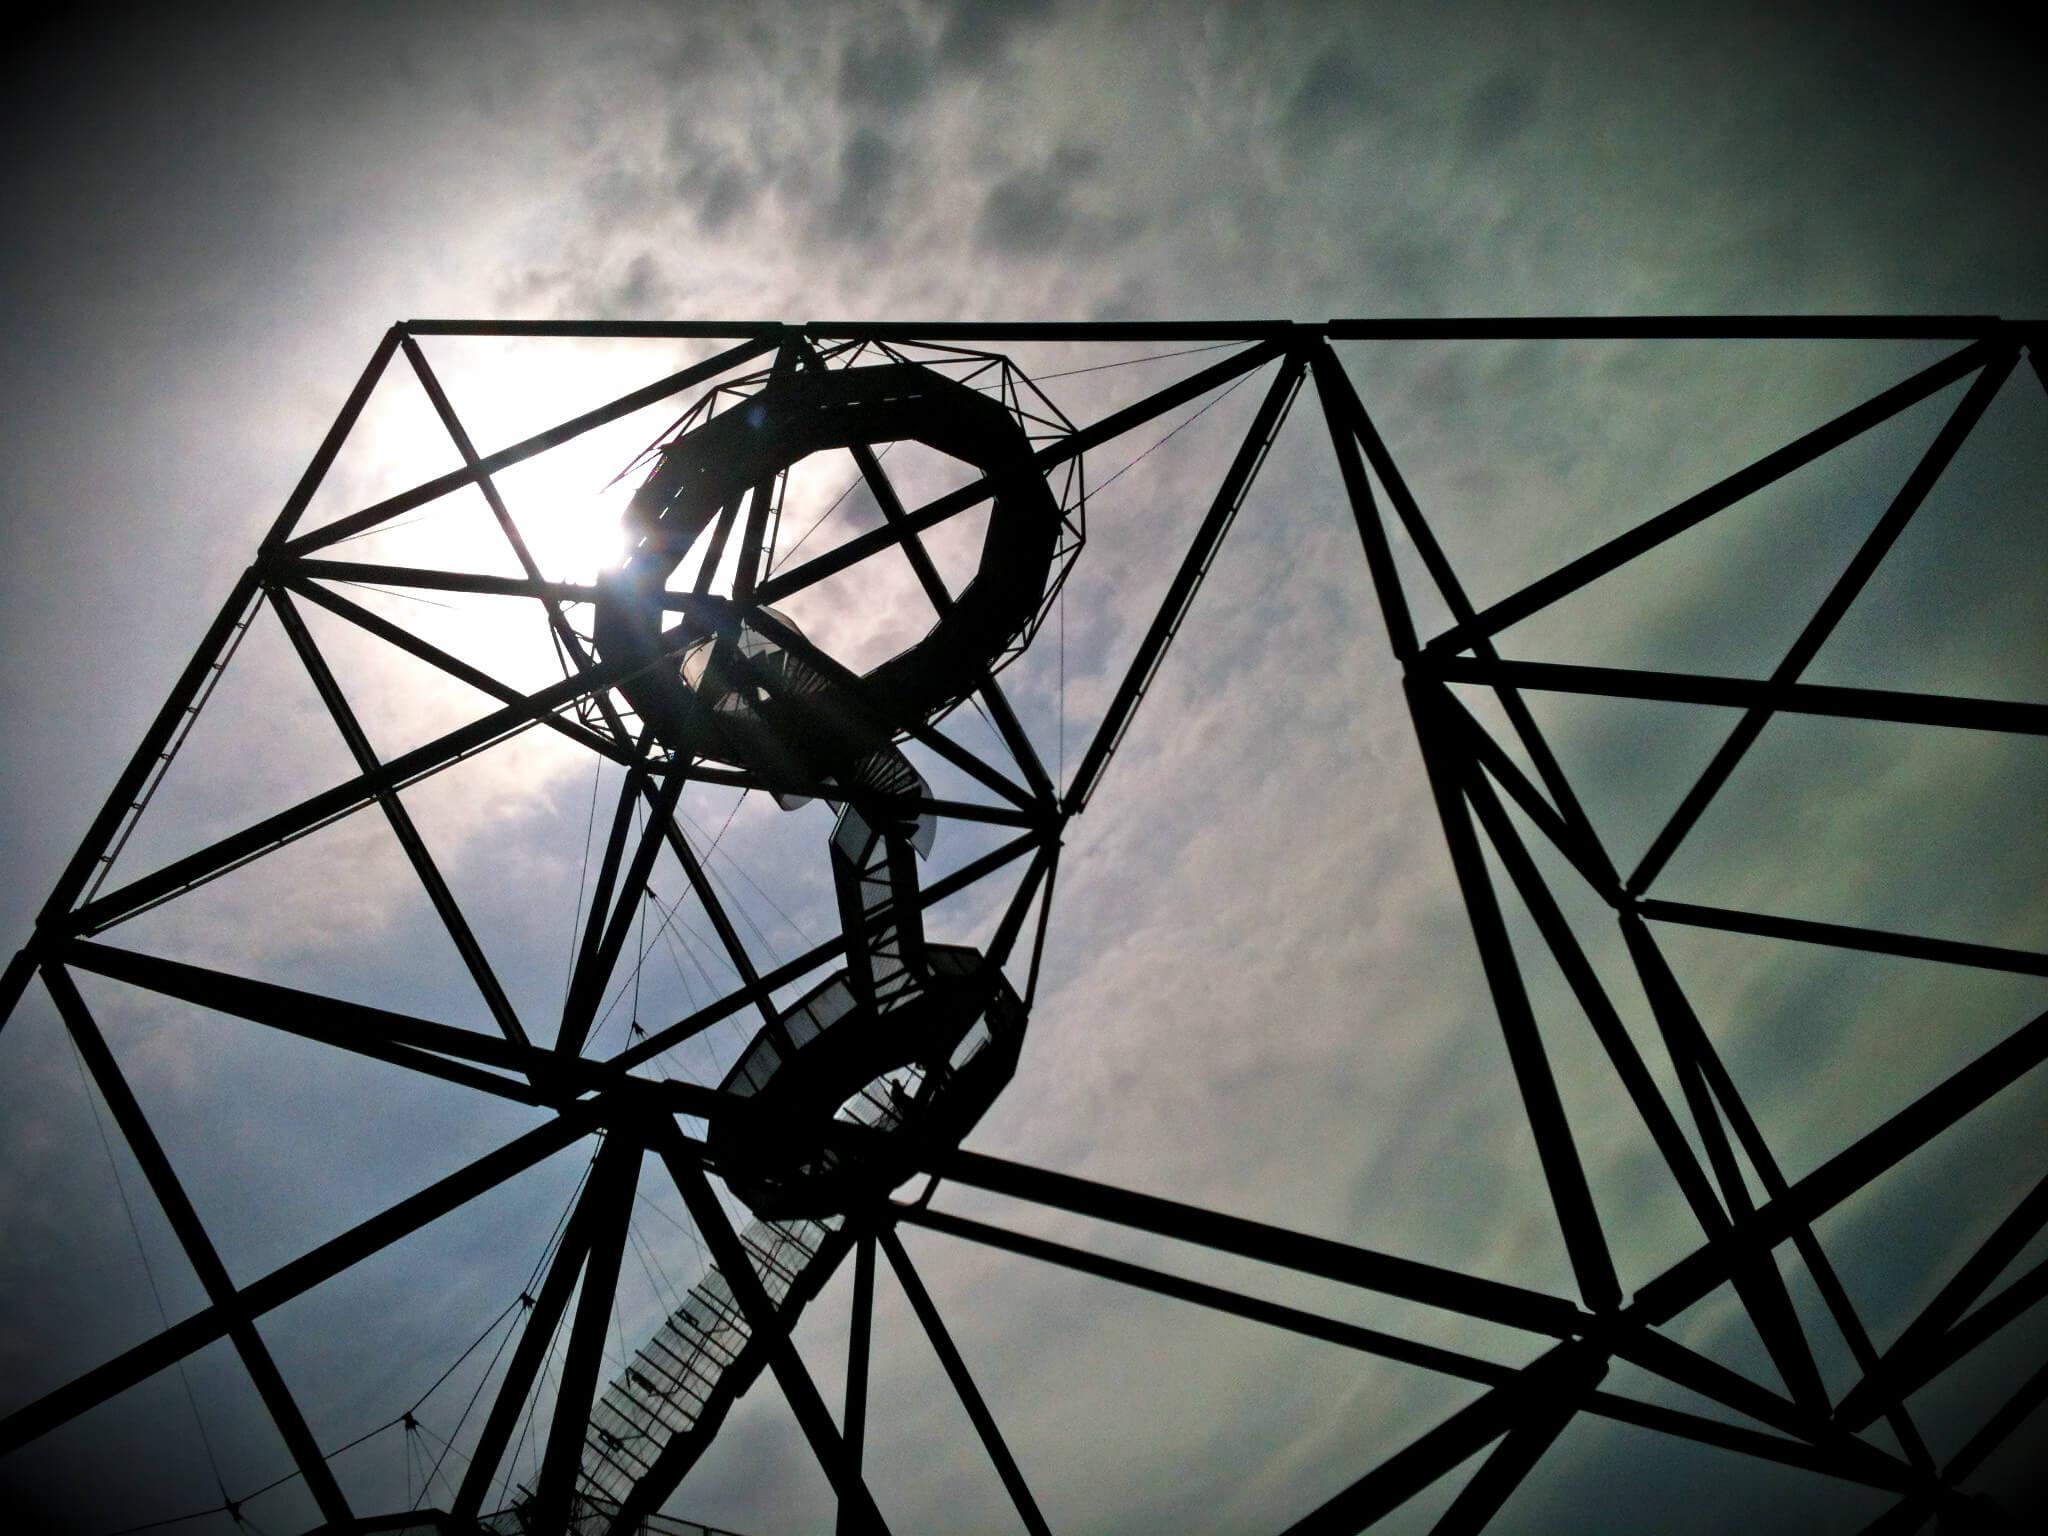 """Auf Halde Beckstraße könnt ihr den Tetraeder begehen. Die Stahlkonstruktion """"Haldenereignis Emscherblick"""" hat die geometrische Form einer dreiseitigen Pyramide und ruht acht Meter über dem Boden auf vier Betonsäulen. Foto: Sandra Anni Lang"""